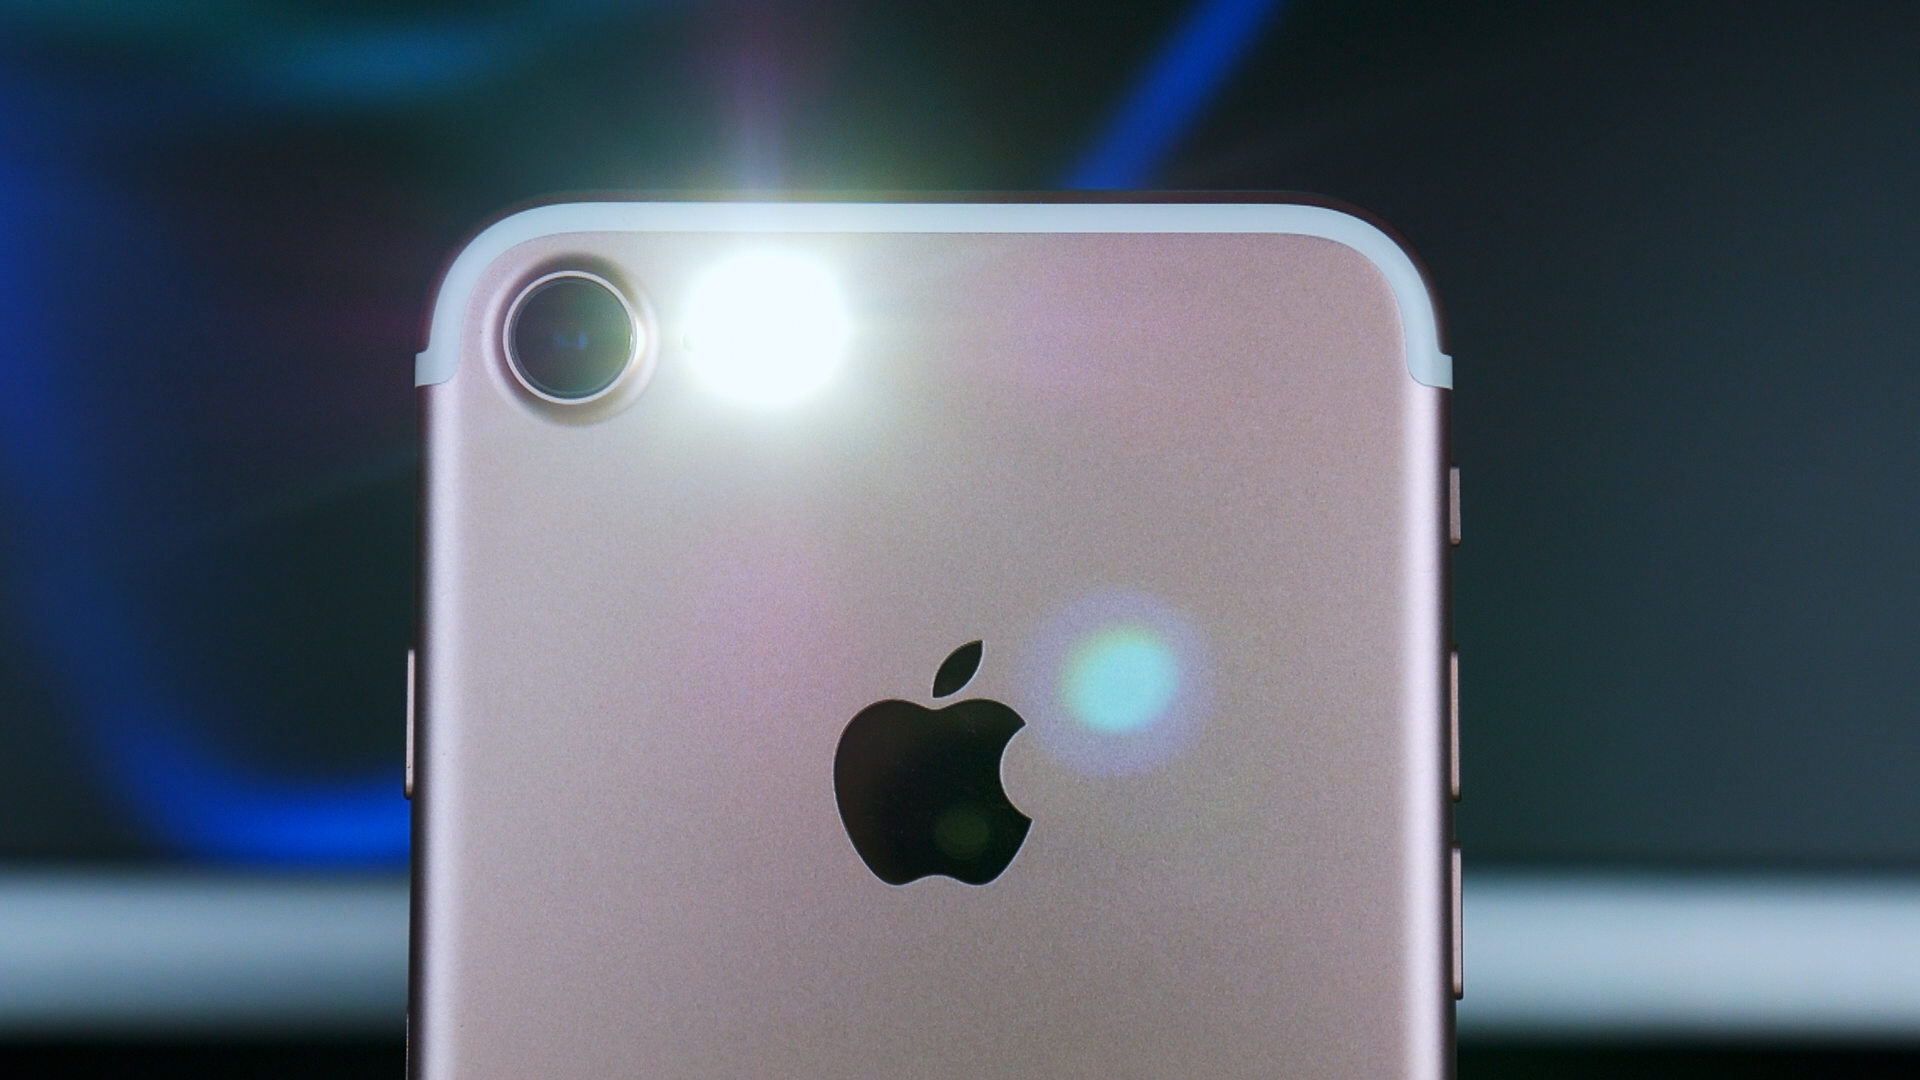 iphone 6s iphone 7 podobieństwa i różnice